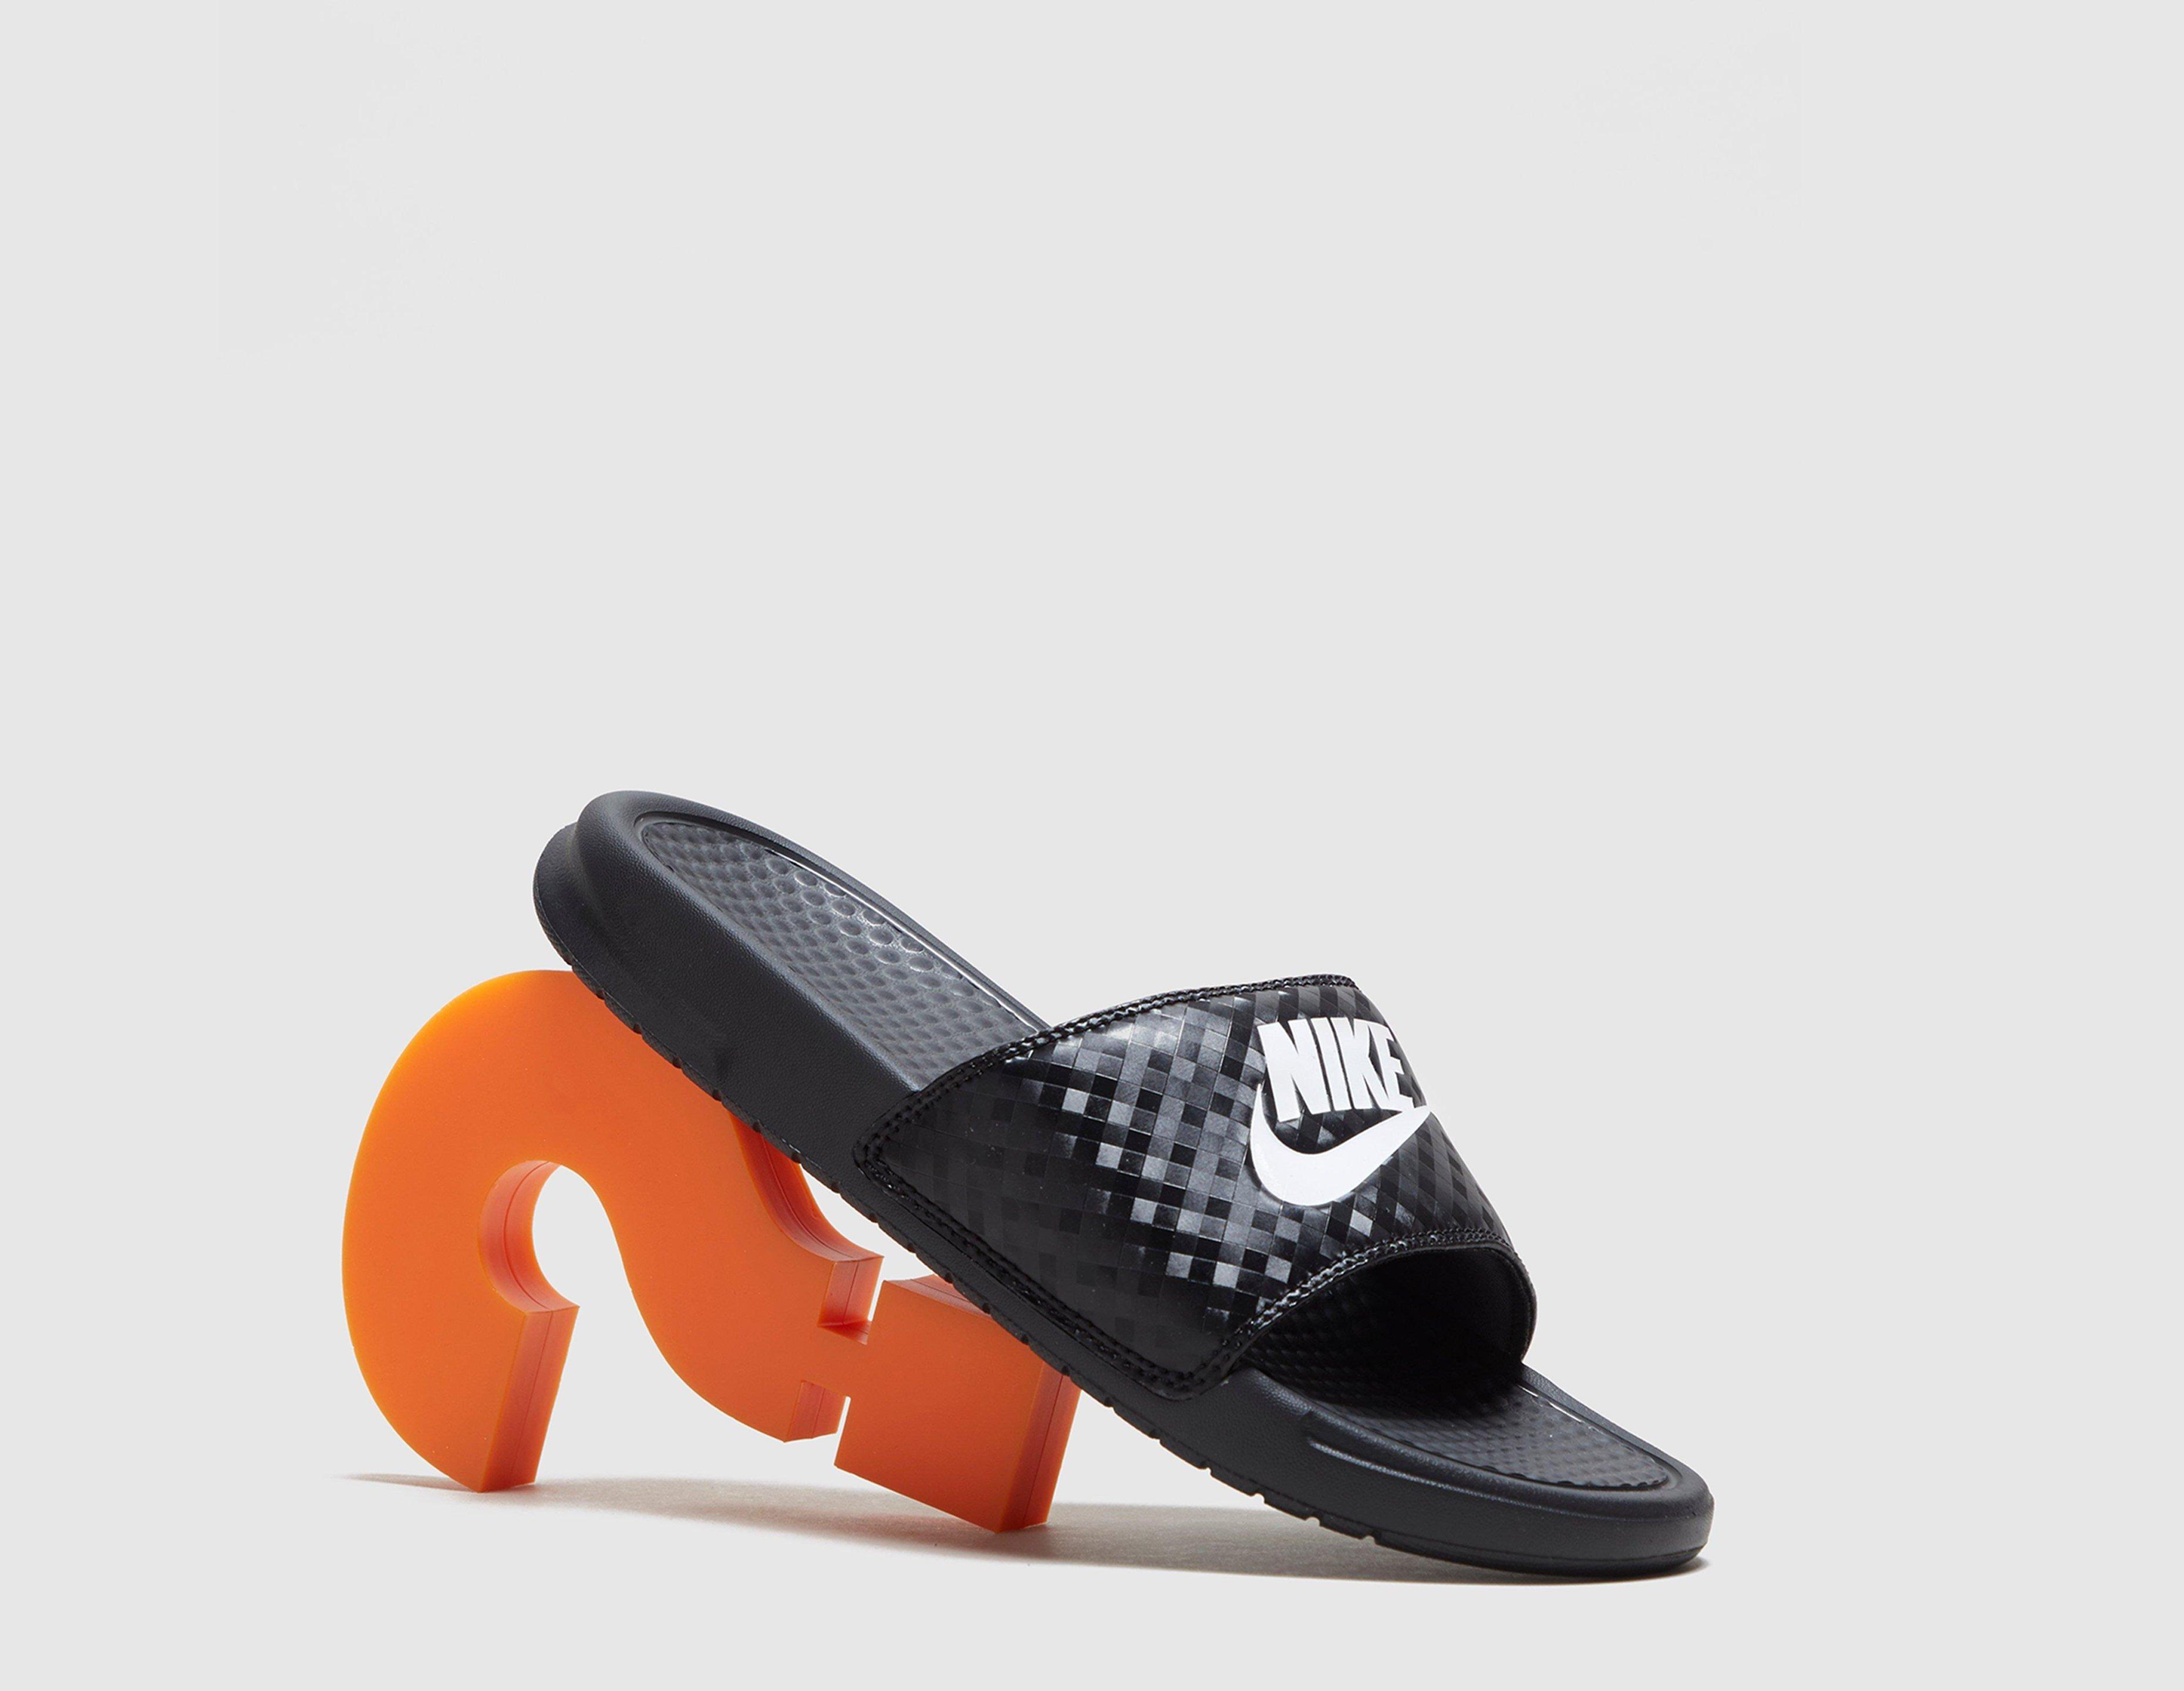 Prisutveckling på Nike Benassi Just Do It (Dam) Hitta